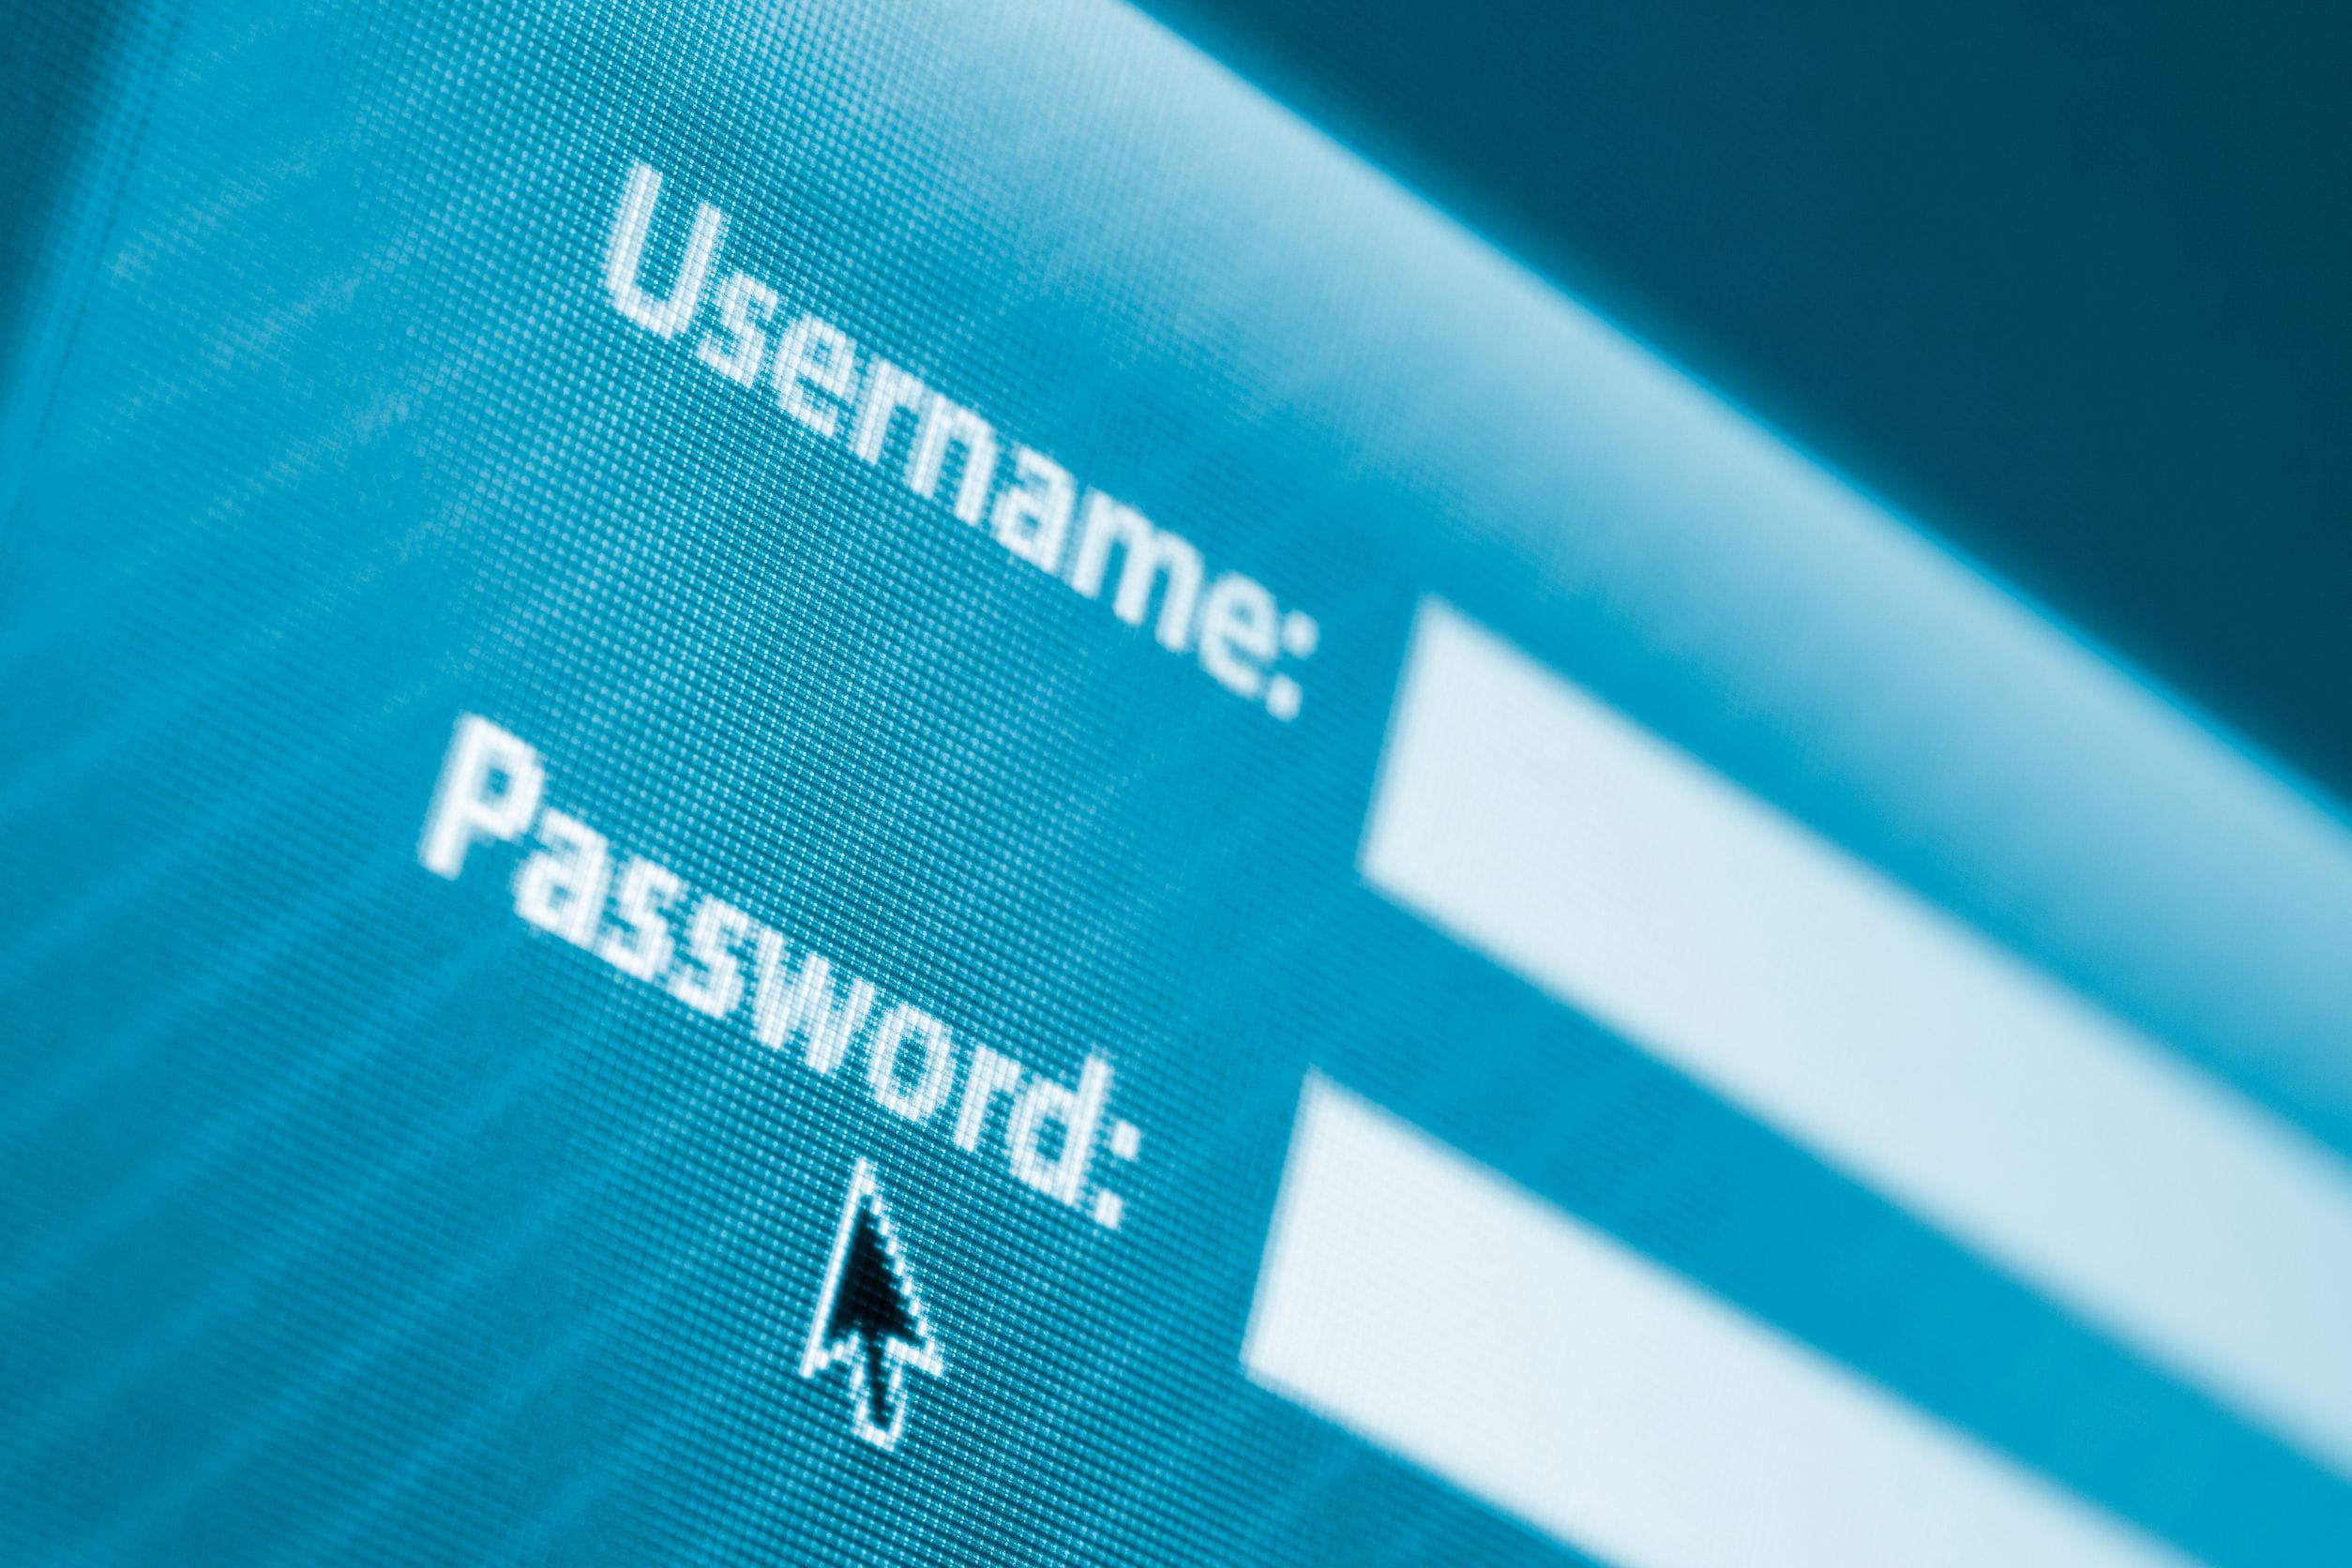 Dropbox : les mots de passe d'avant mi-2012 sont à changer